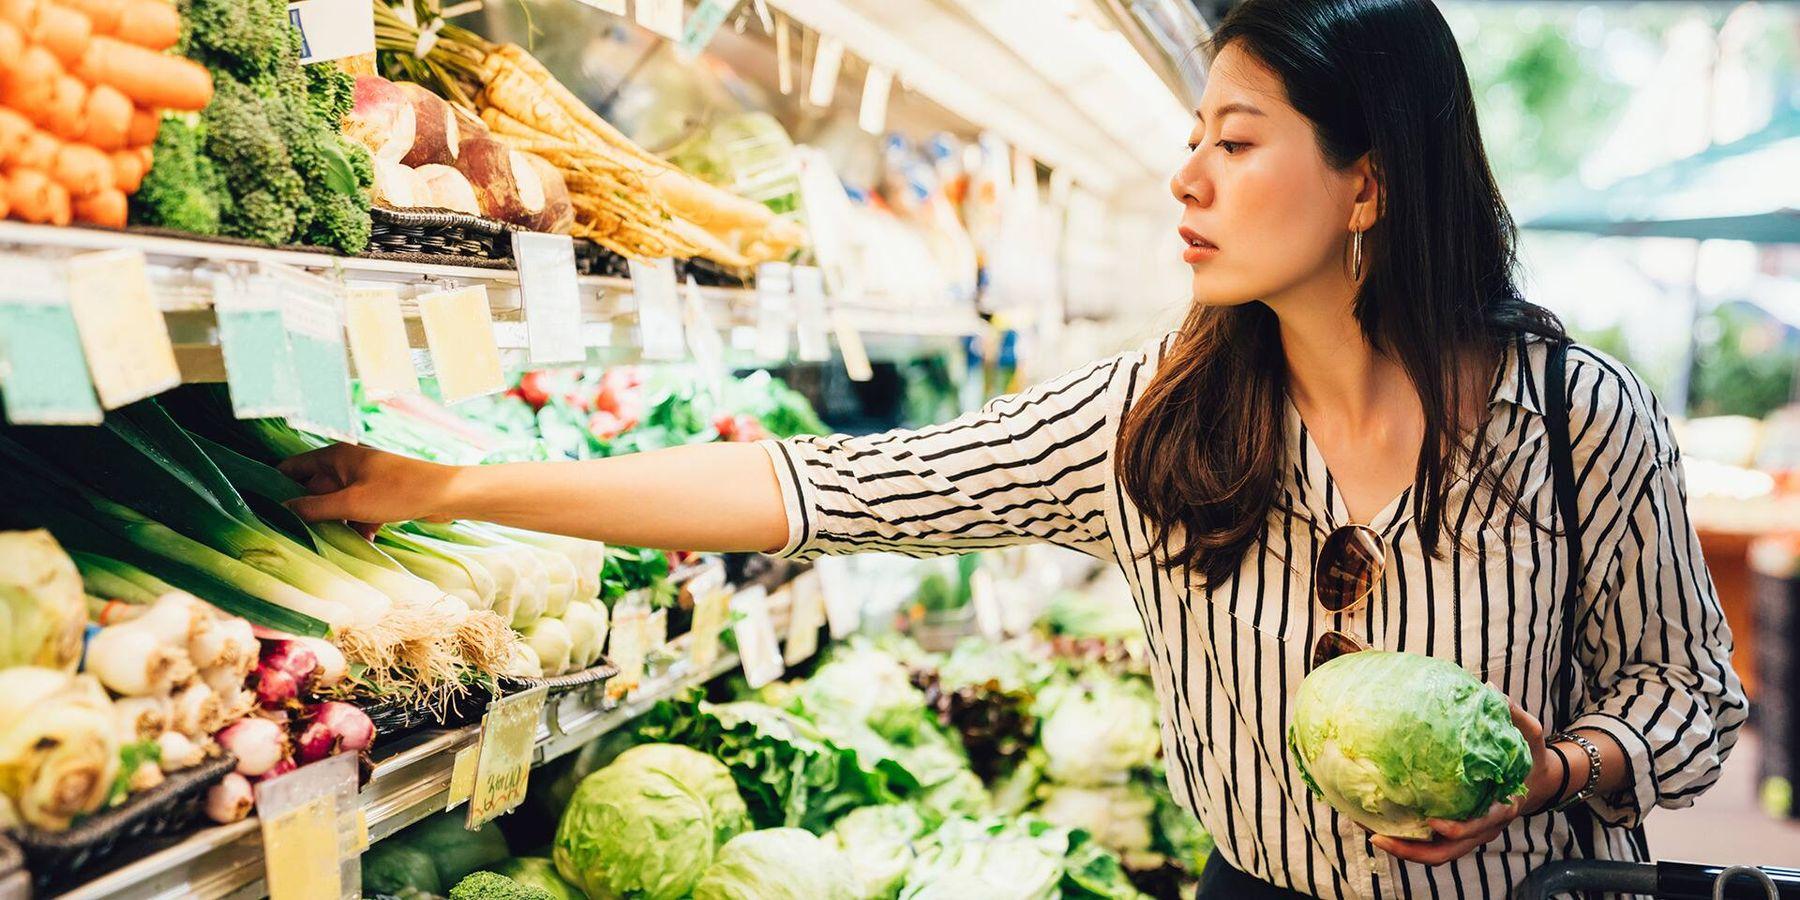 bí quyết làm đẹp bằng cách ăn nhiều rau củ